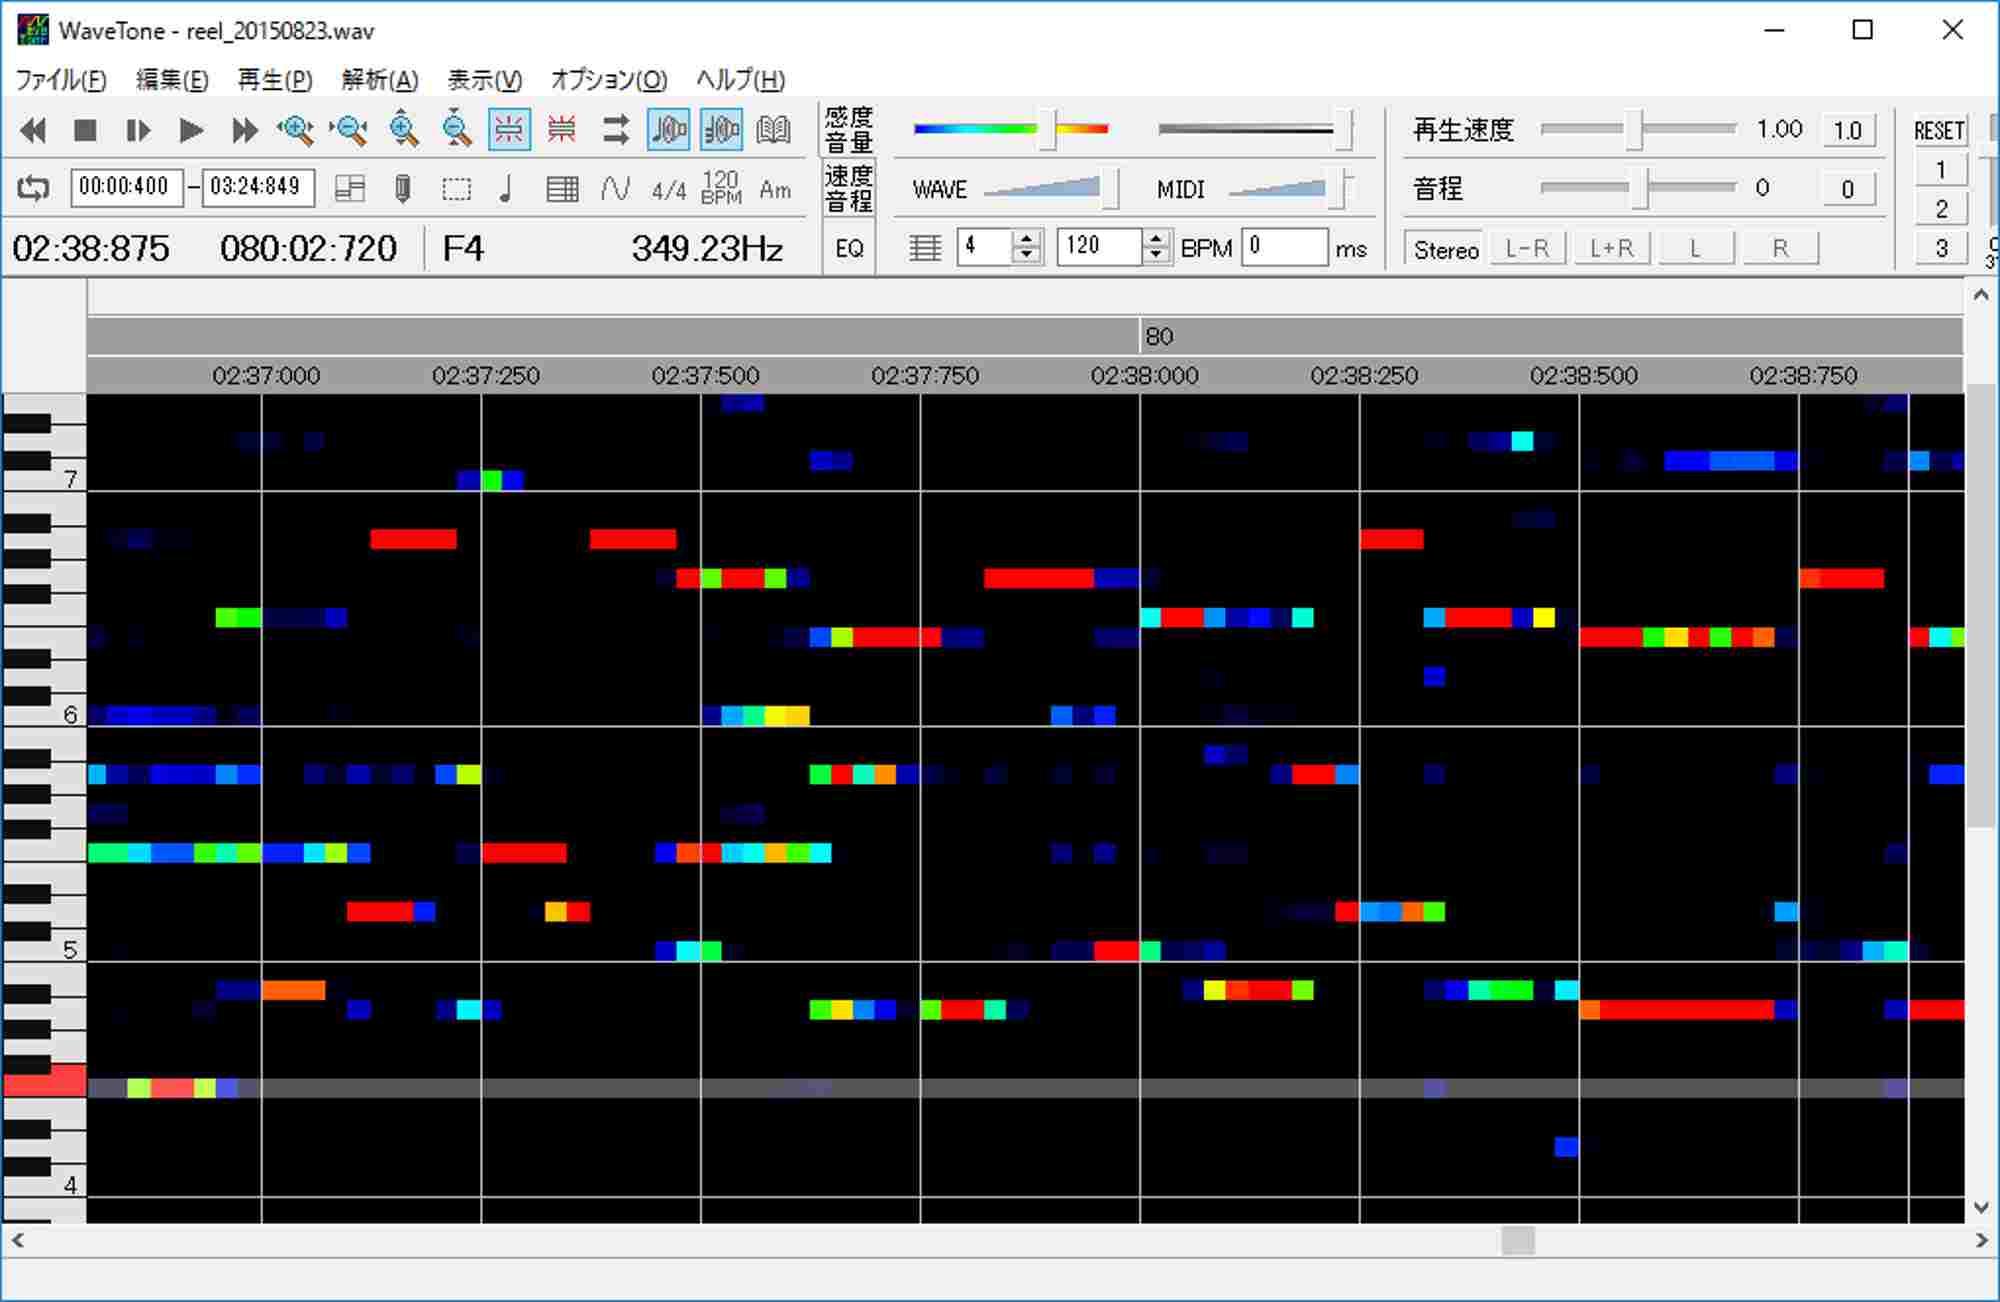 採譜(耳コピ)支援ソフト WaveTone が凄いですねぇ。